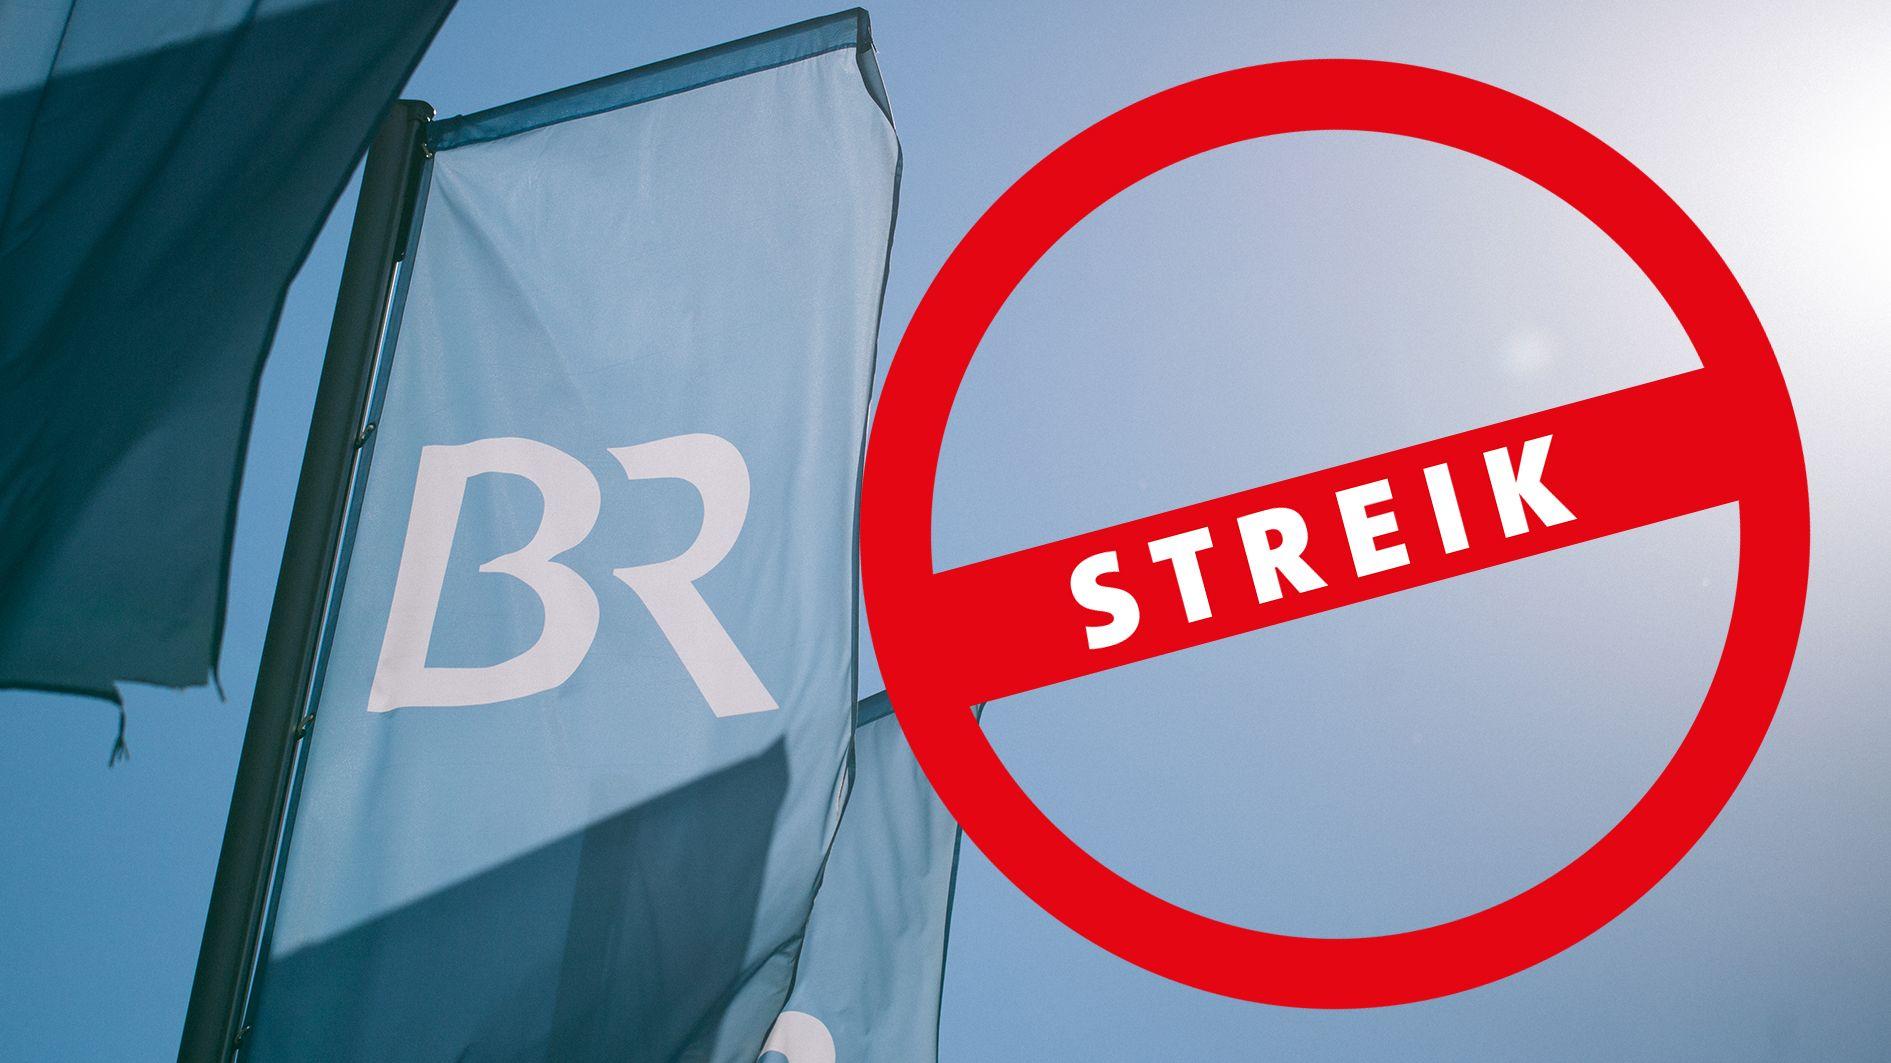 Die Gewerkschaften BJV und ver.di haben die Mitarbeiter des BR für Mittwoch zum Streik aufgerufen.